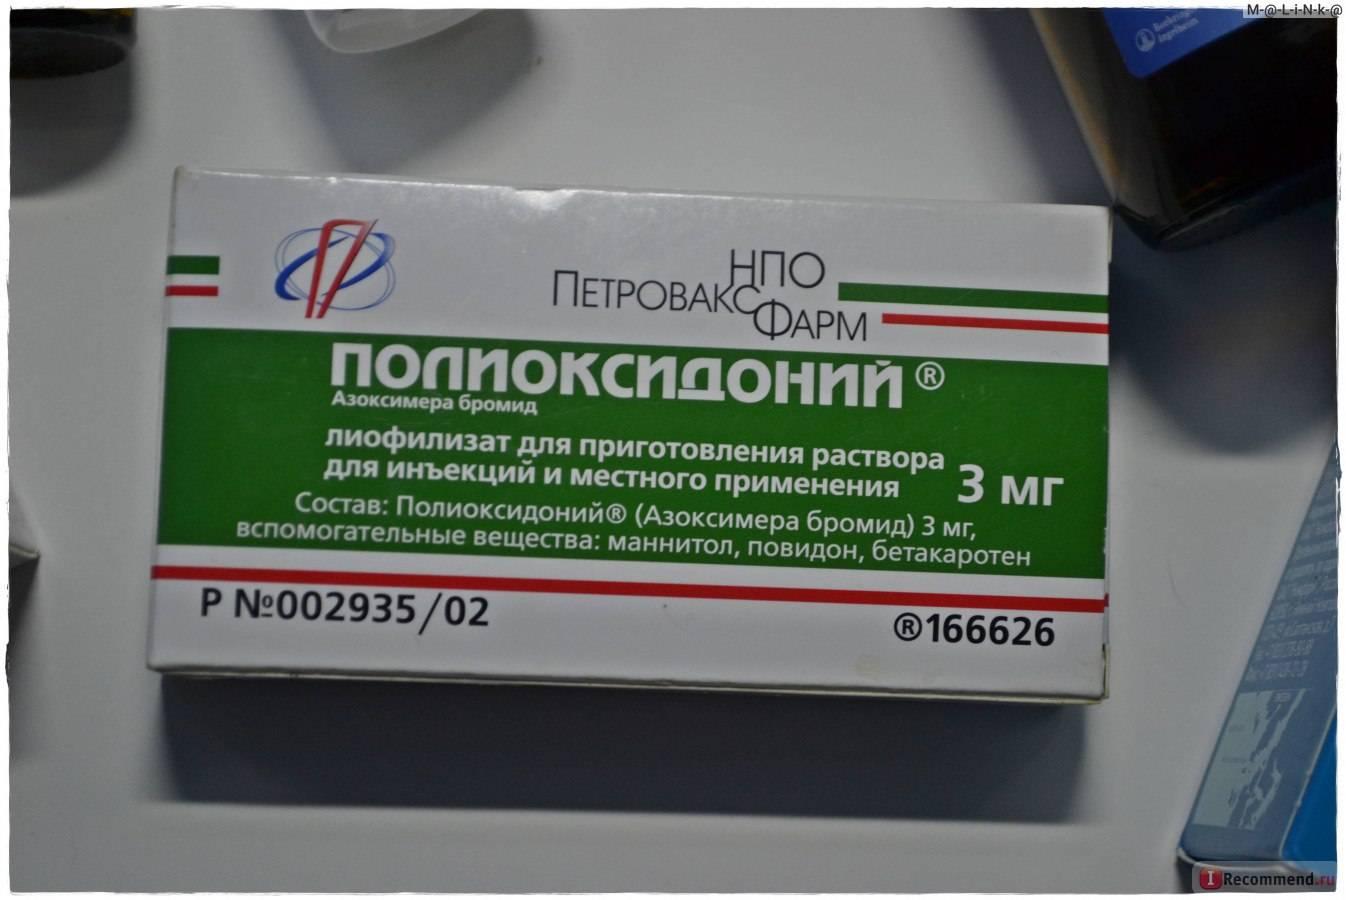 Полиоксидоний – инструкция по применению, таблетки для иммунитета